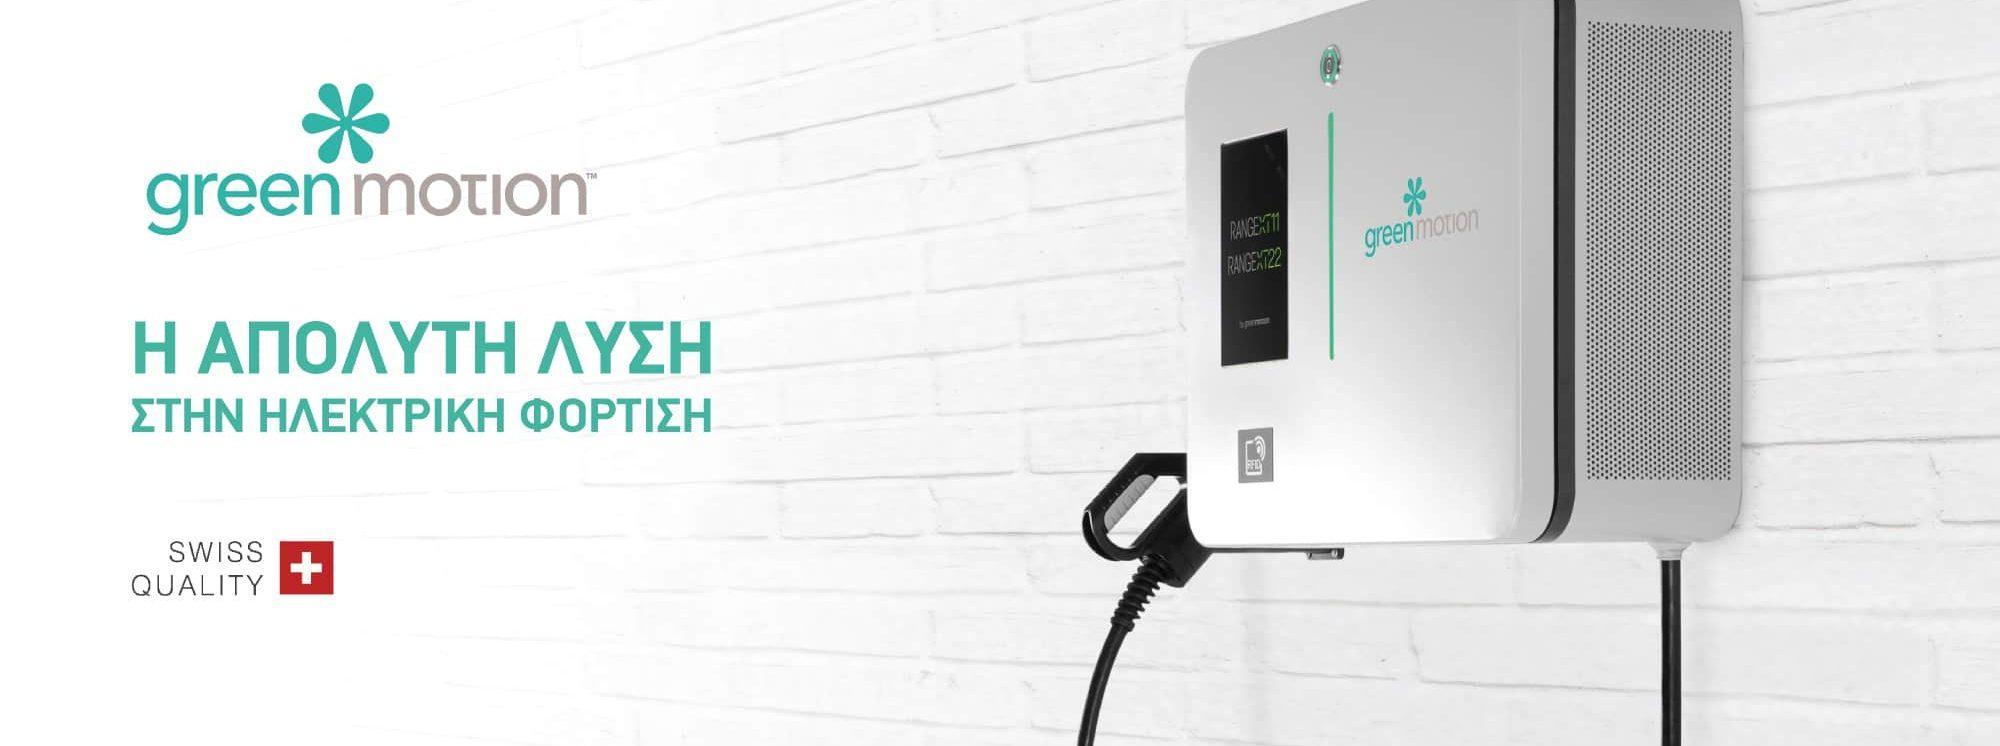 politech_green_motion_banner_2000x857